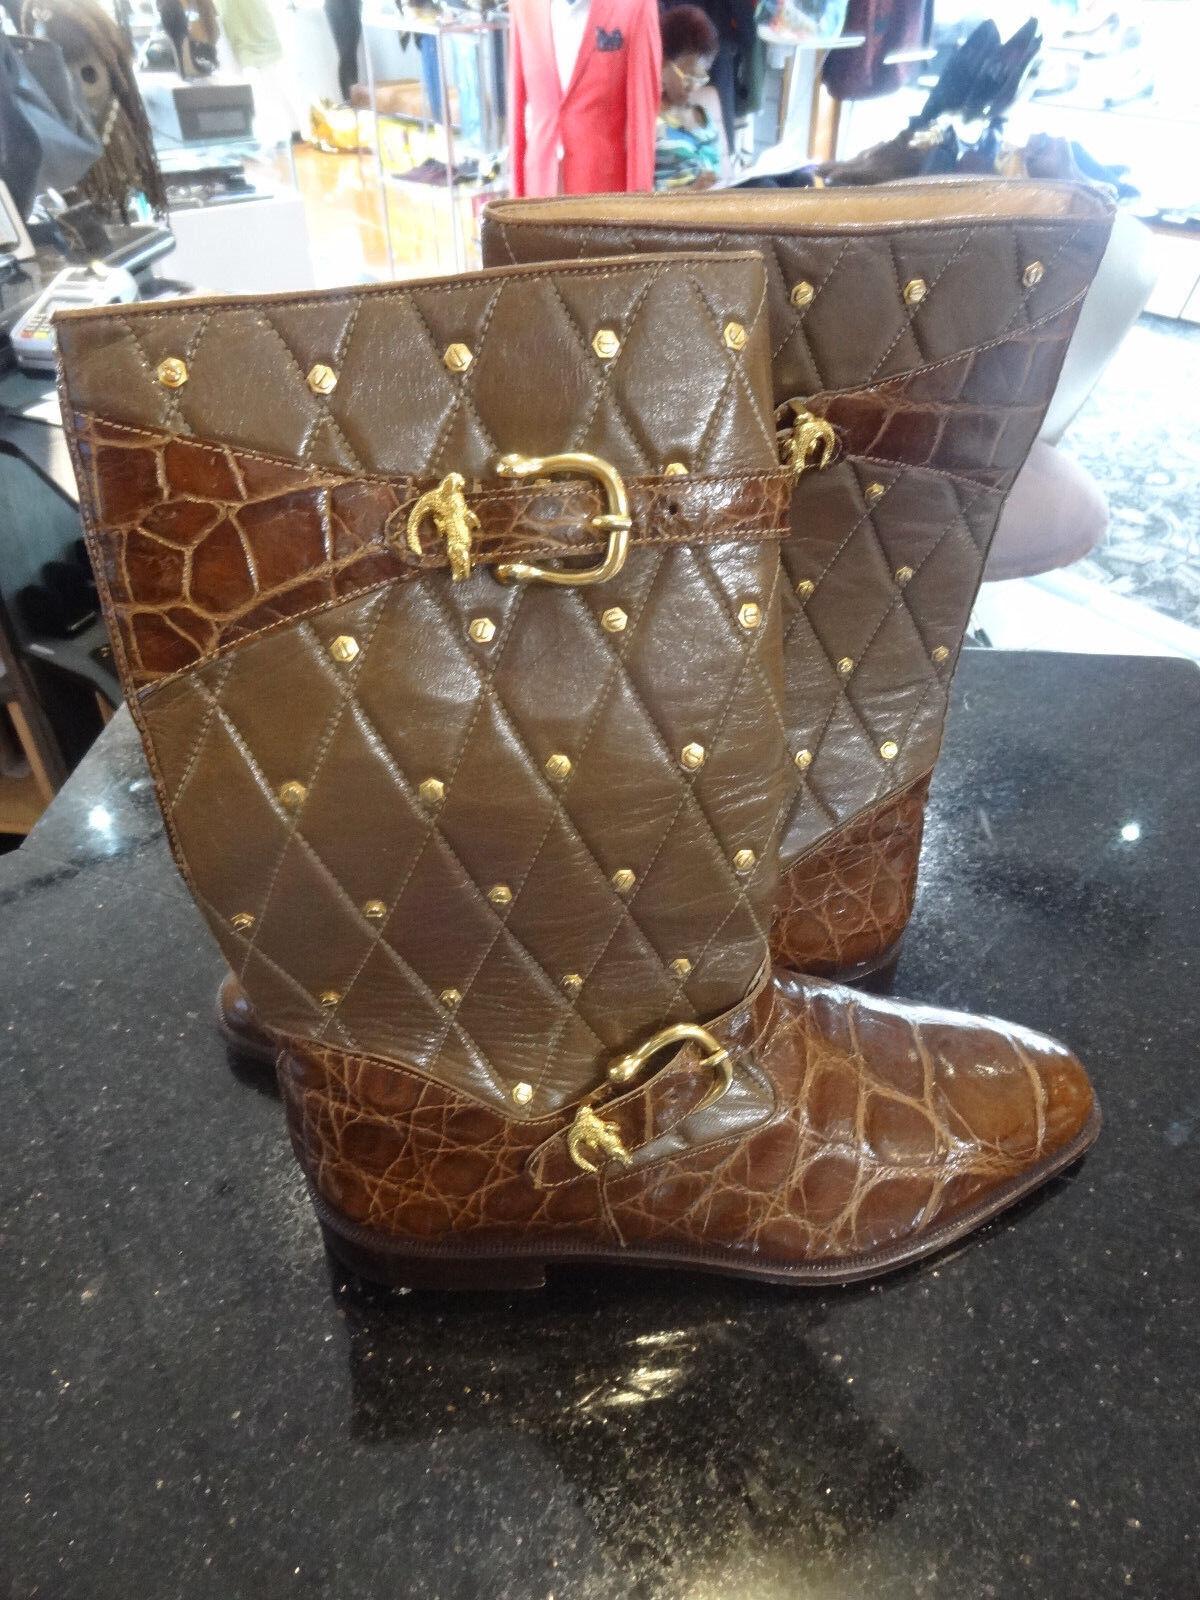 Mauri Marrón Cuero De Cocodrilo Acolchado Stud botas para hombre monkstrap 9.5 precio de venta sugerido por el fabricante